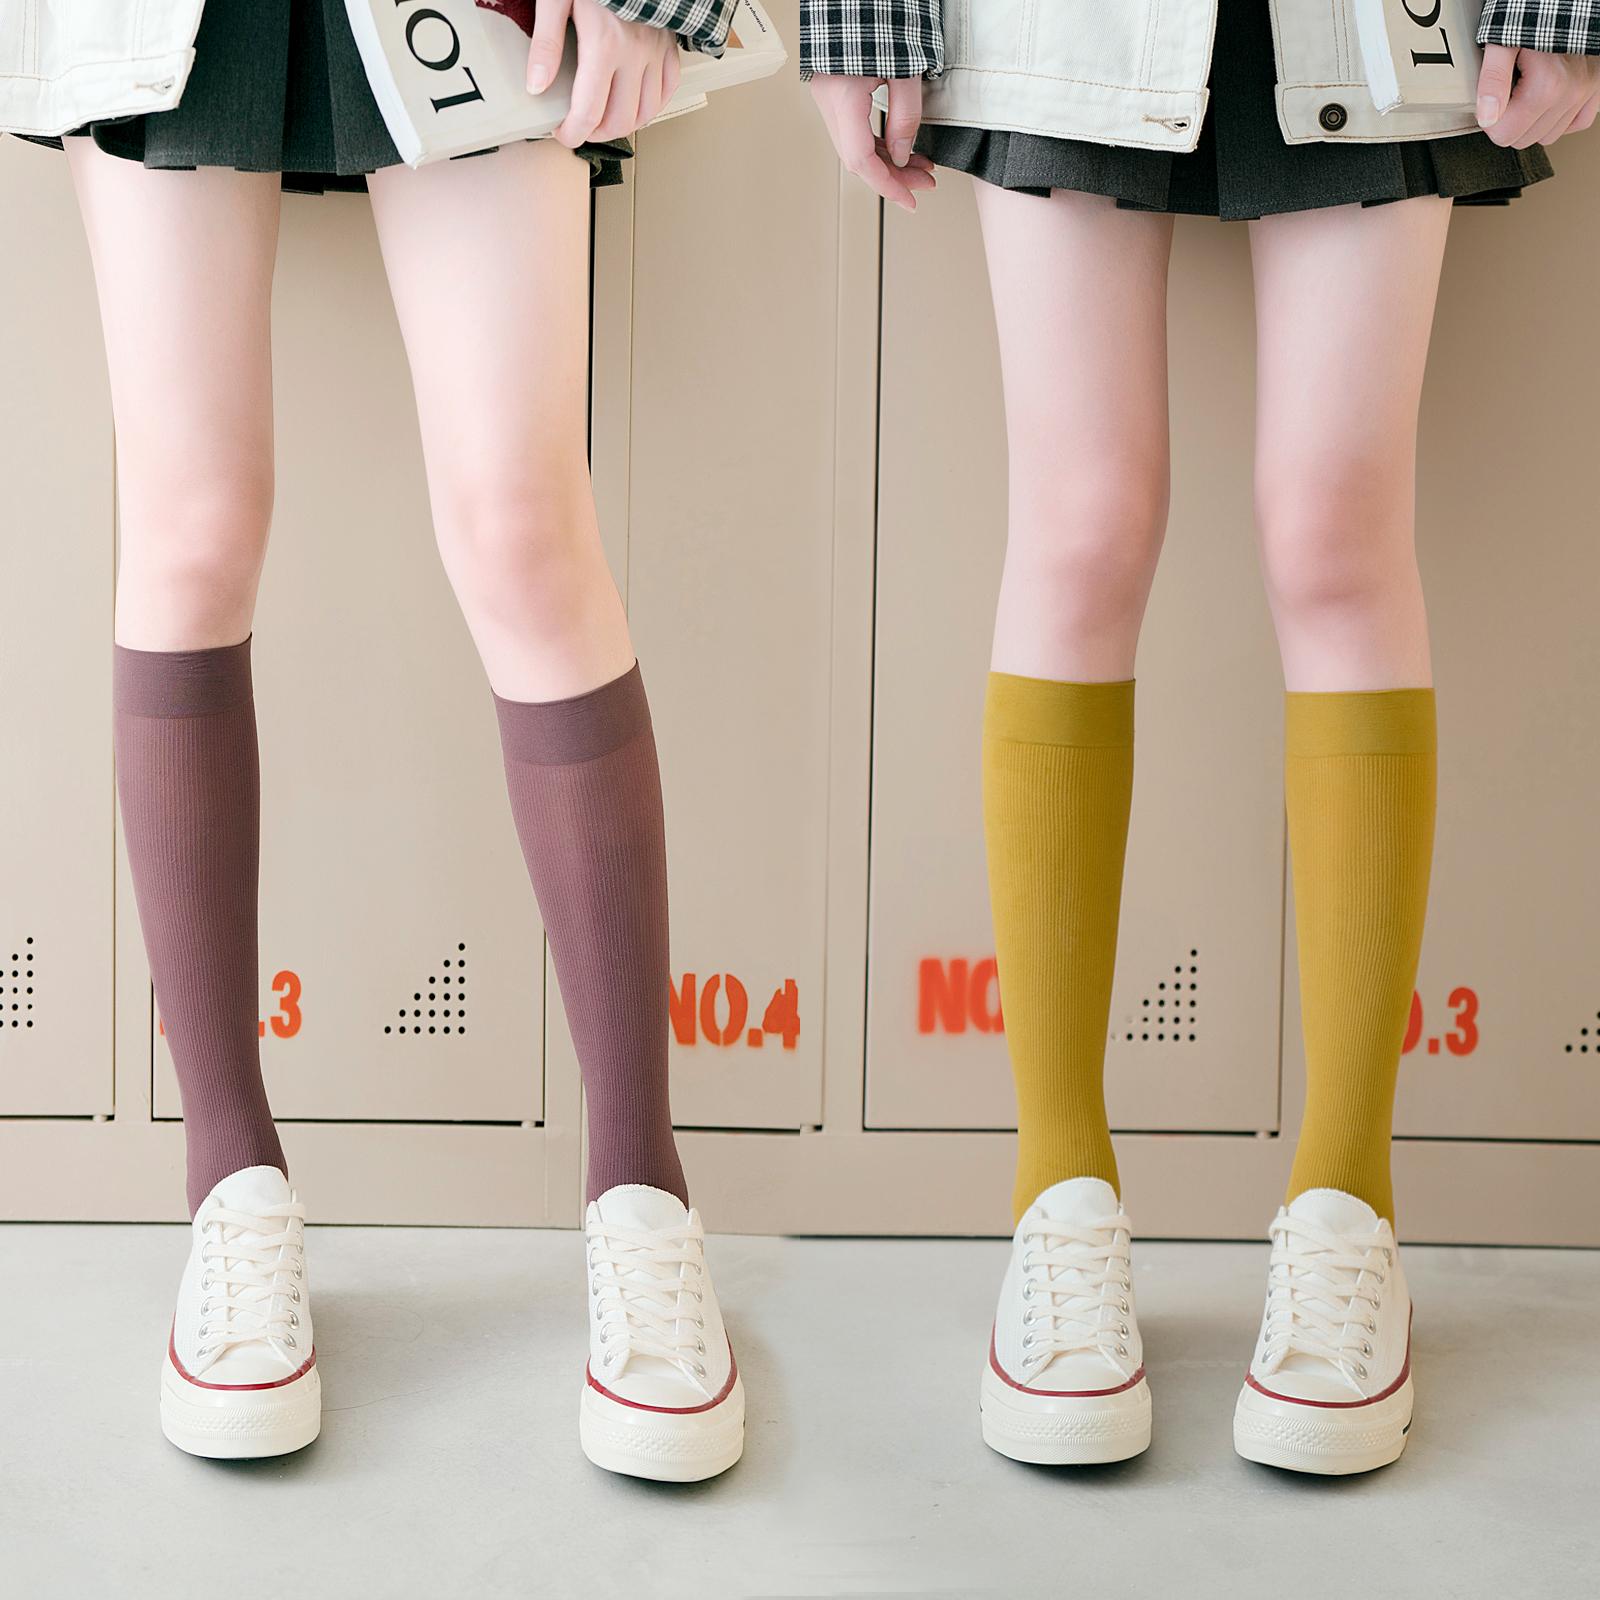 Stockings nữ ins đường phố mùa hè mỏng phần jk nhung bê vớ mùa hè vớ màu trắng Nhật Bản màu đen - Vớ sợi tre